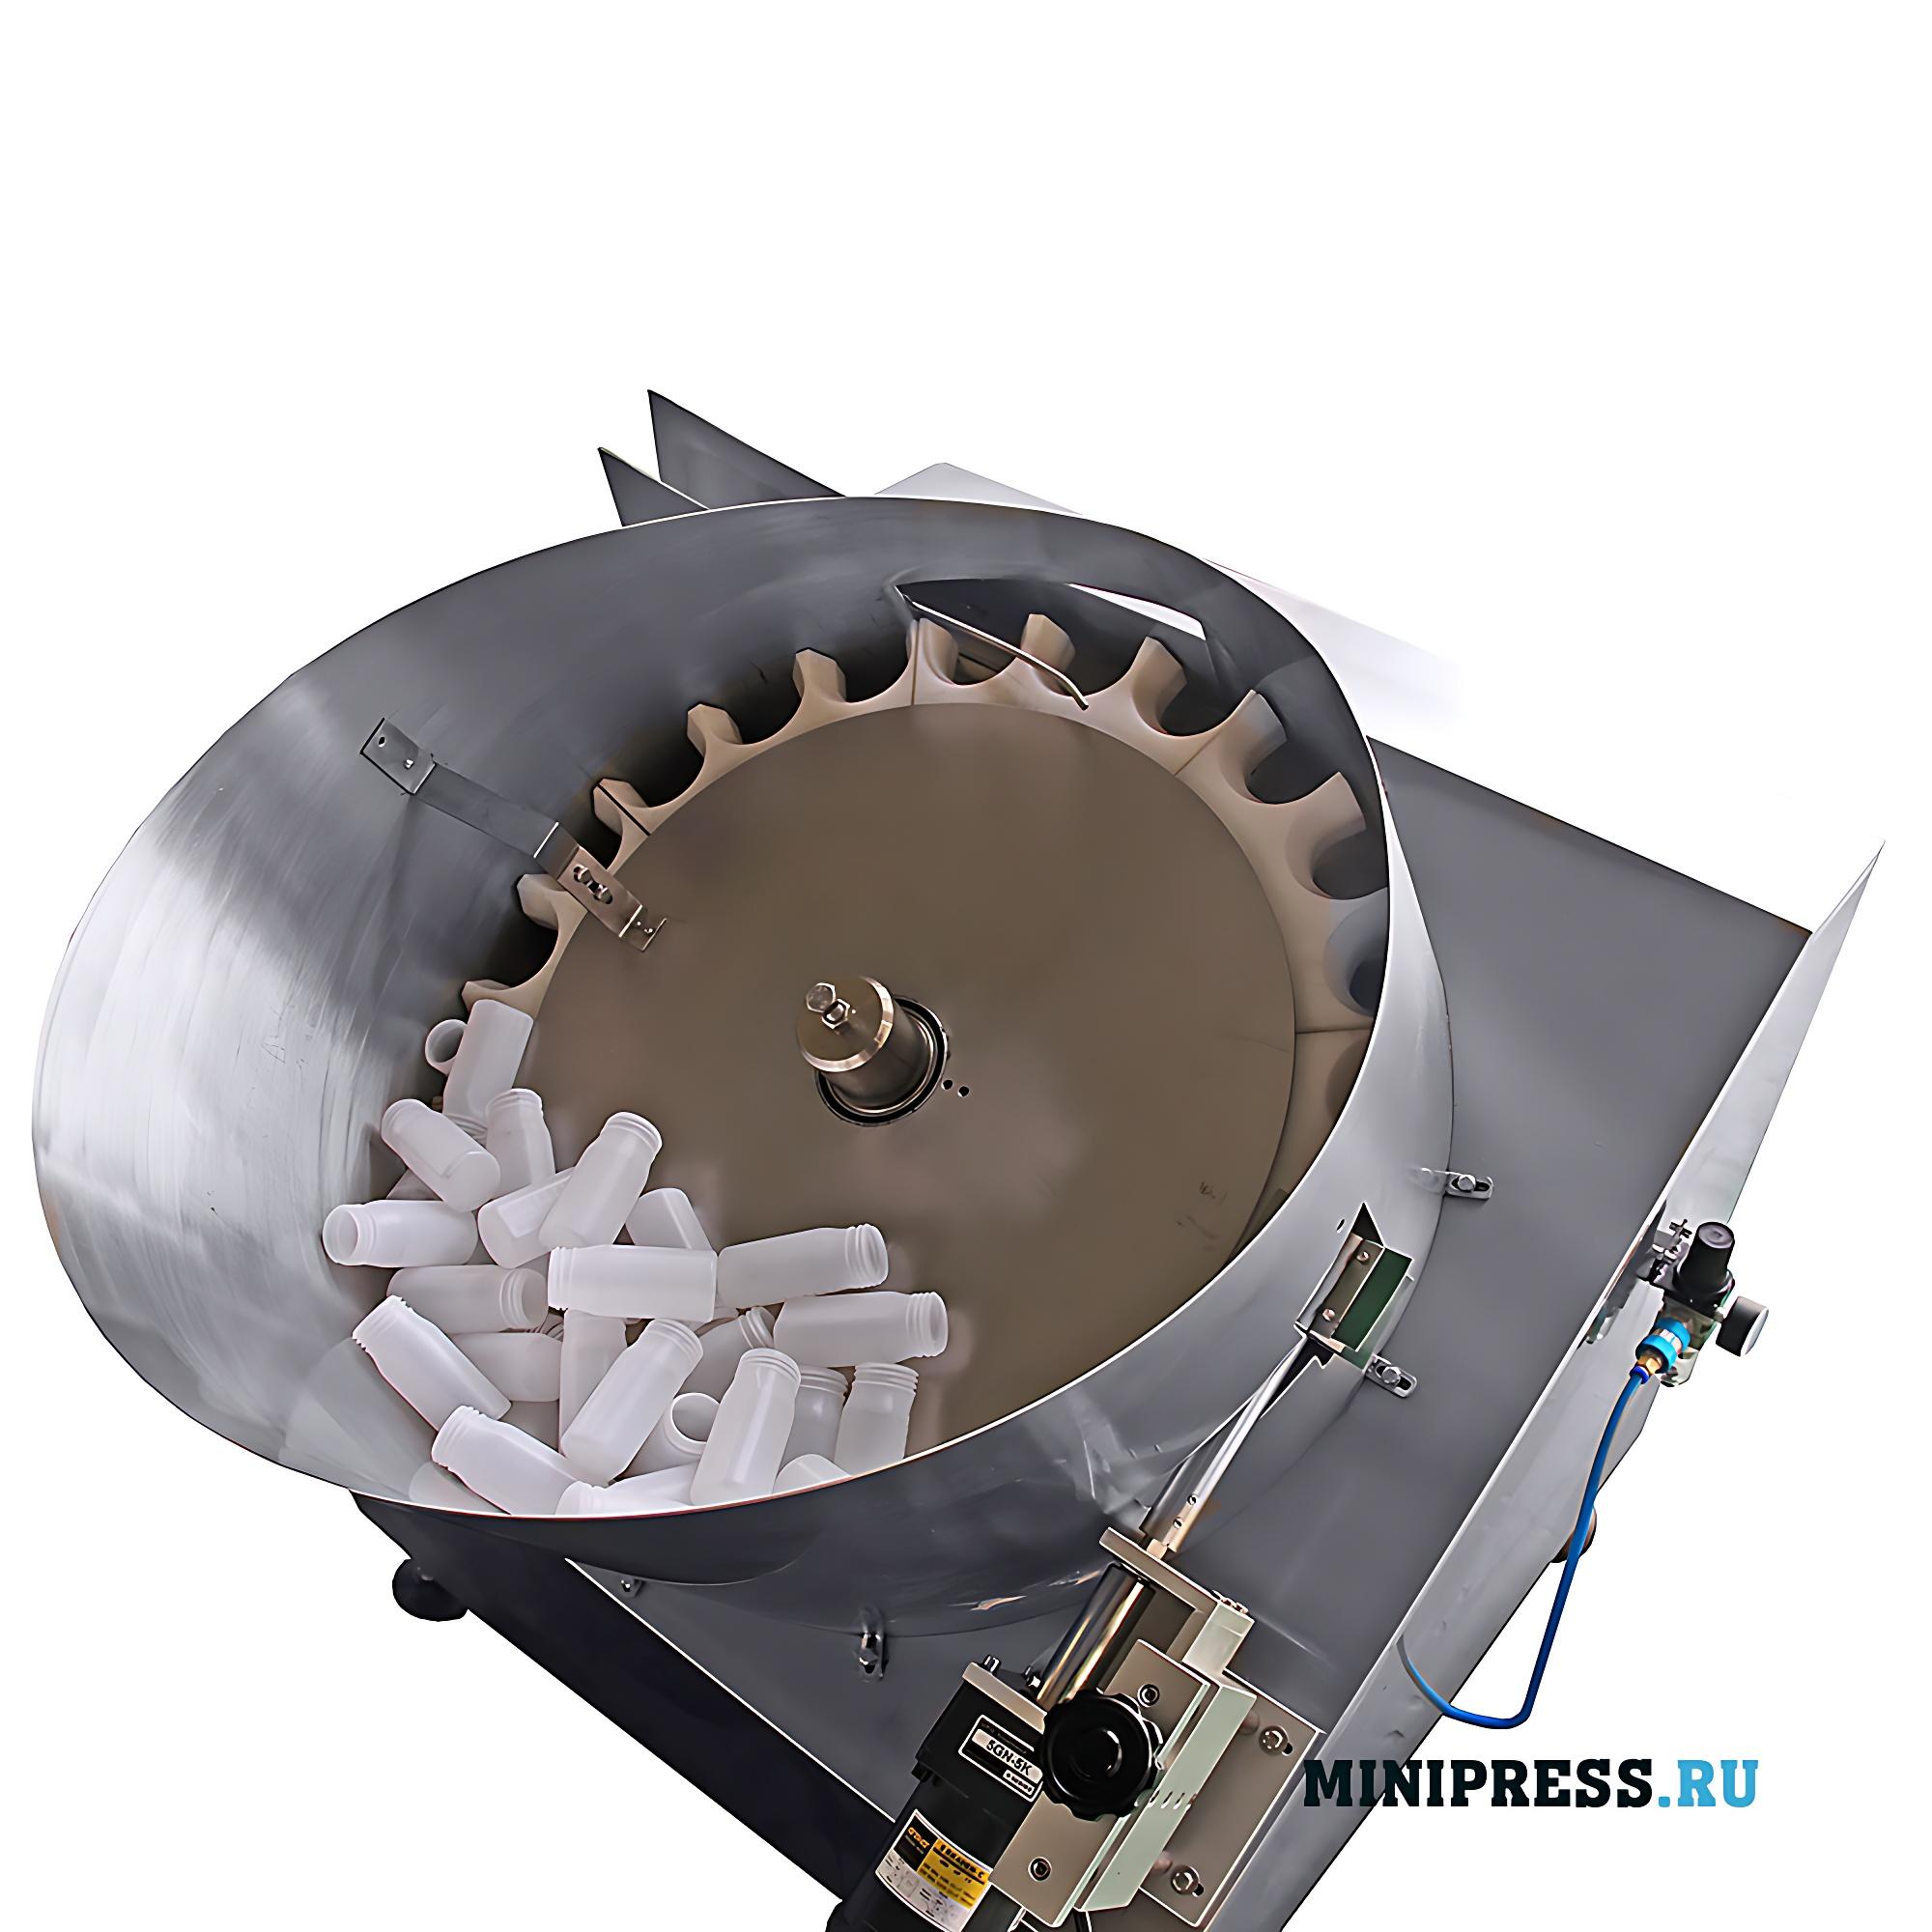 Автоматическое оборудование для ориентирования пластиковых флаконов